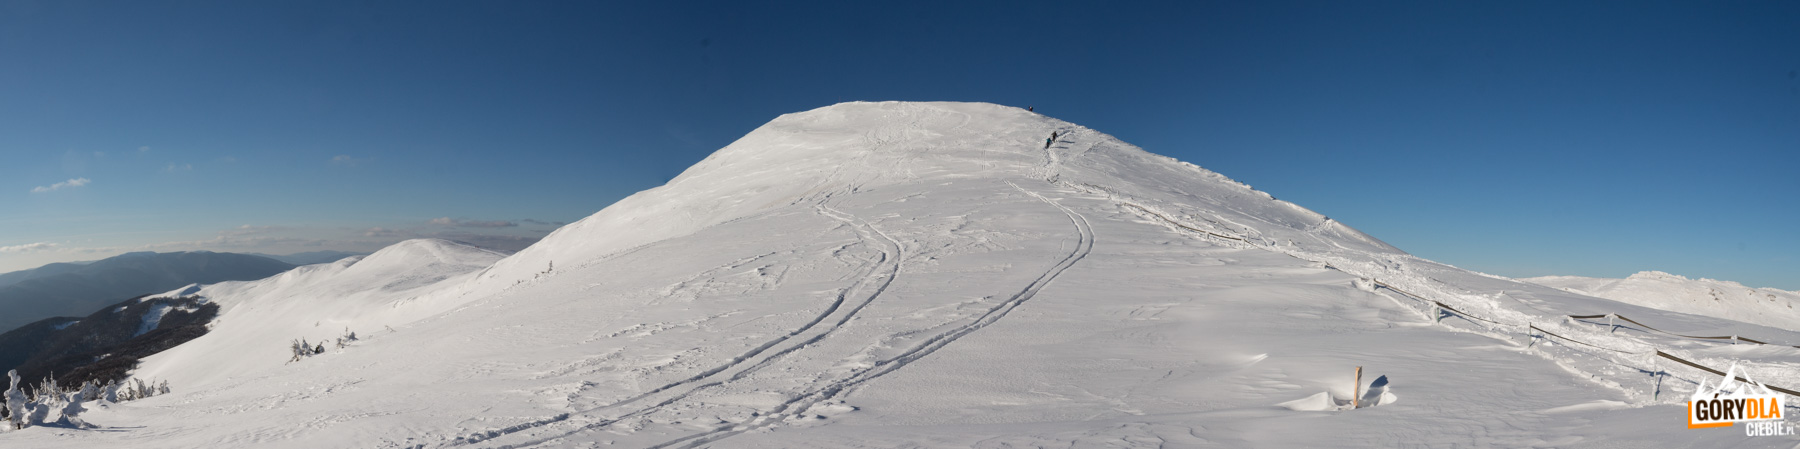 Tarniczka (1315 m) - bardzo widokowy szczyt, dalej niewidoczna stąd grań Szerokiego Wierchu